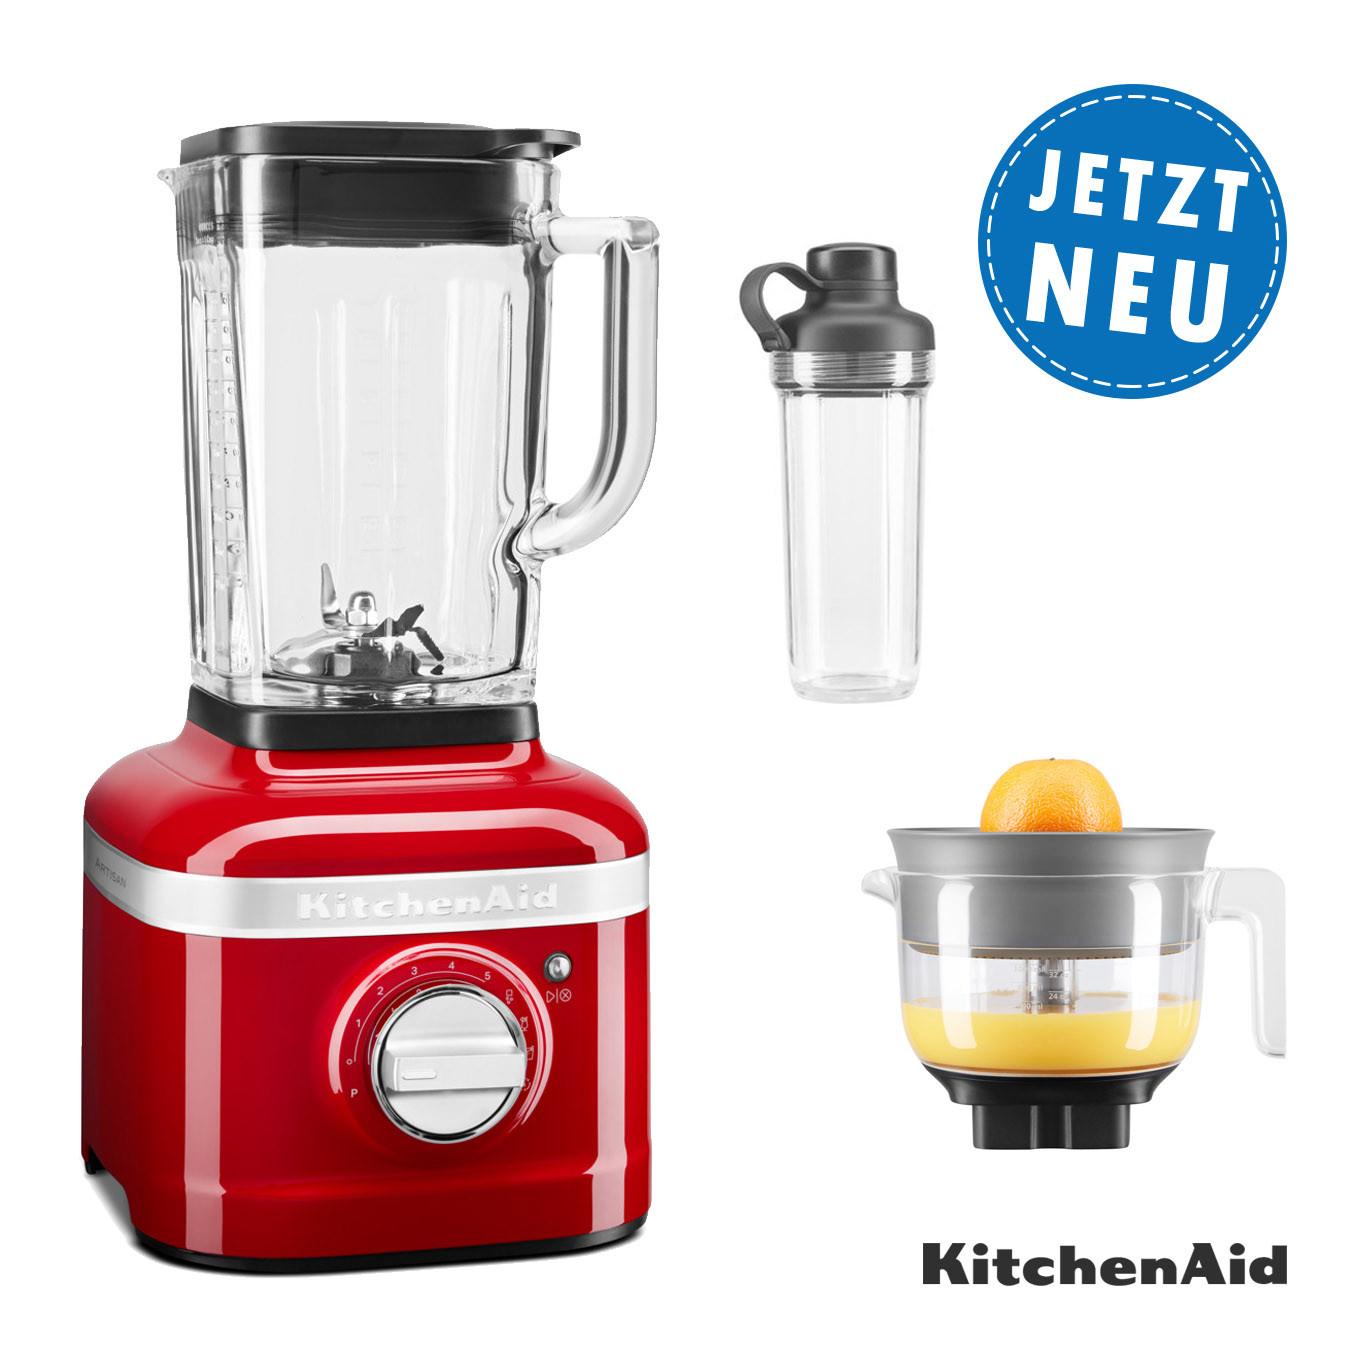 KitchenAid ARTISAN K400 Standmixer 5KSB4026E alle Farben Sparpaket